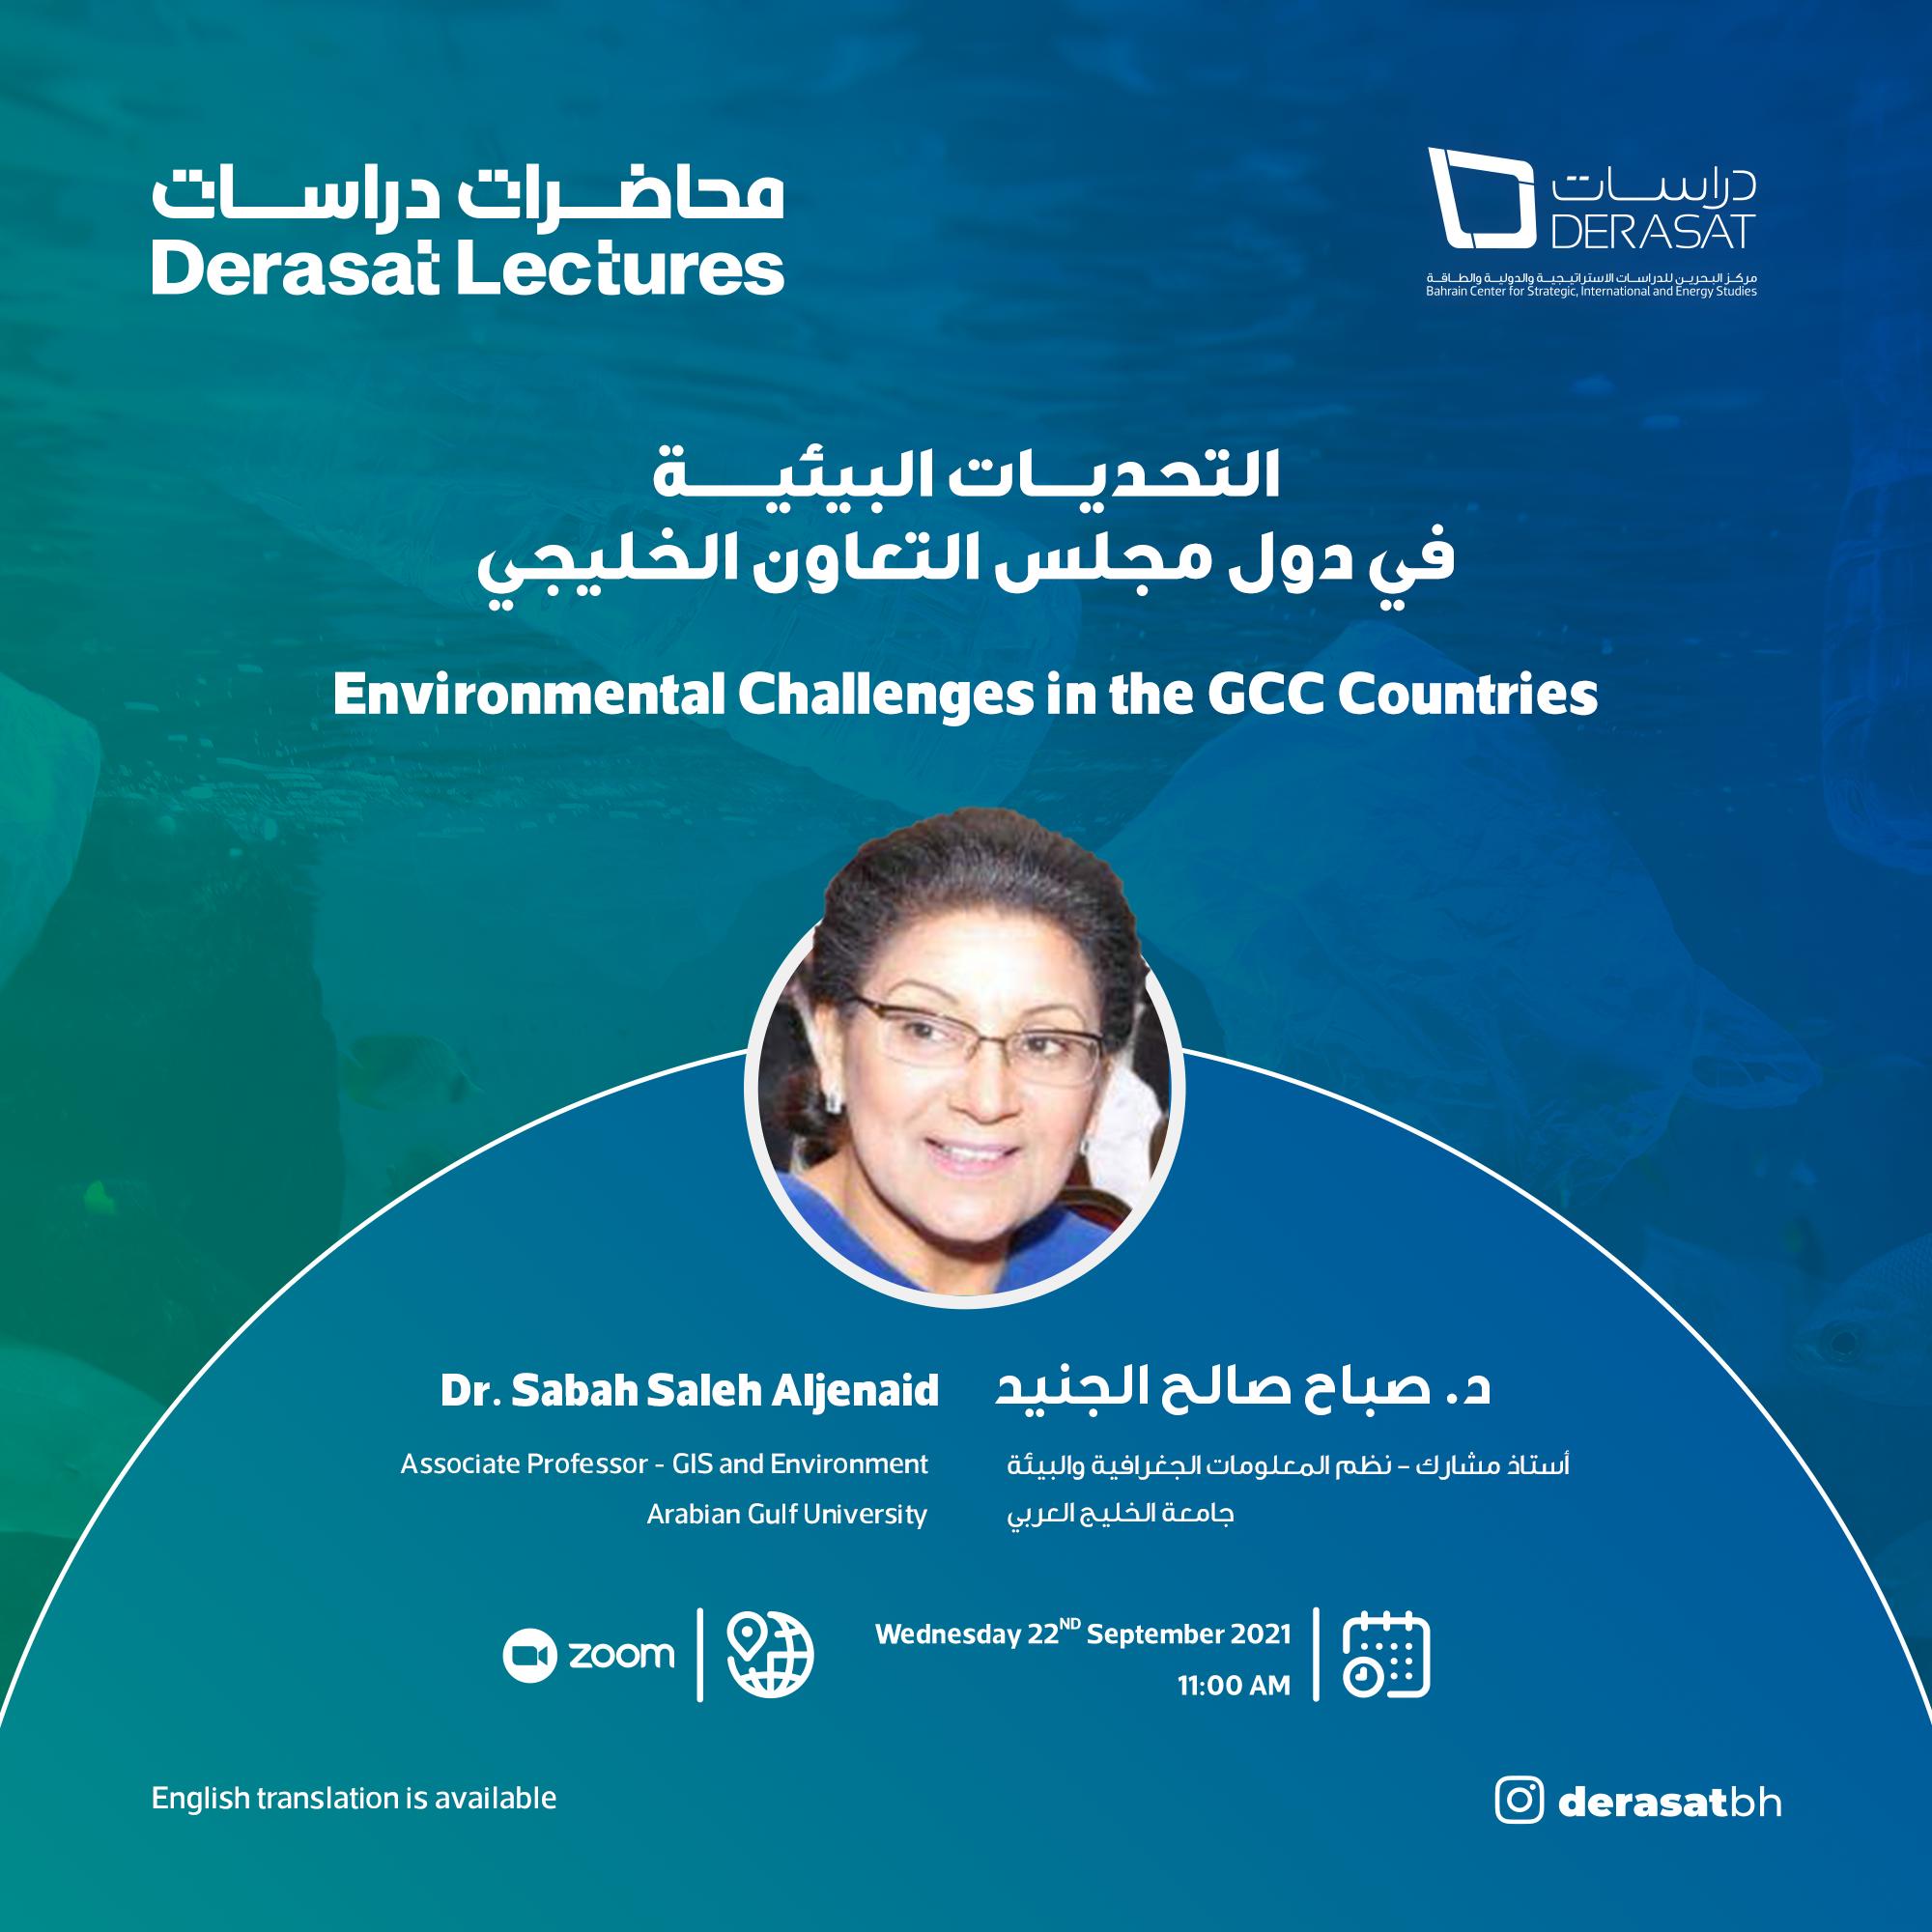 التحديات البيئية في دول مجلس التعاون الخليجي